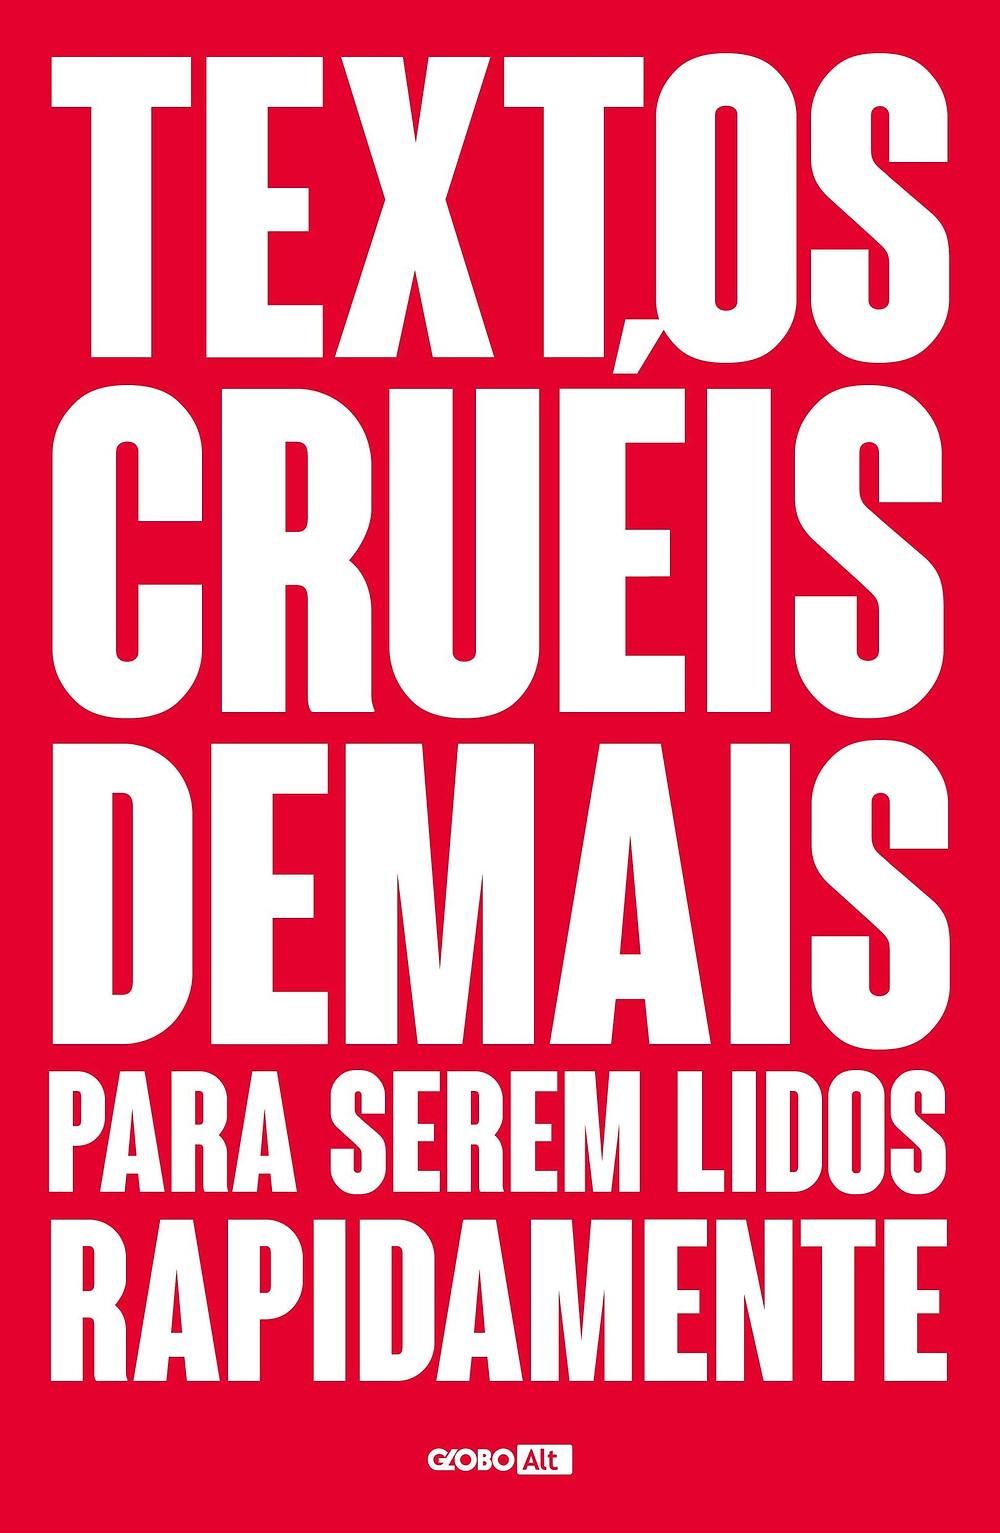 Textos Cruéis Demais para Serem Lidos Rapidamente de Igor Pires da Silva e Gabriela Barreira